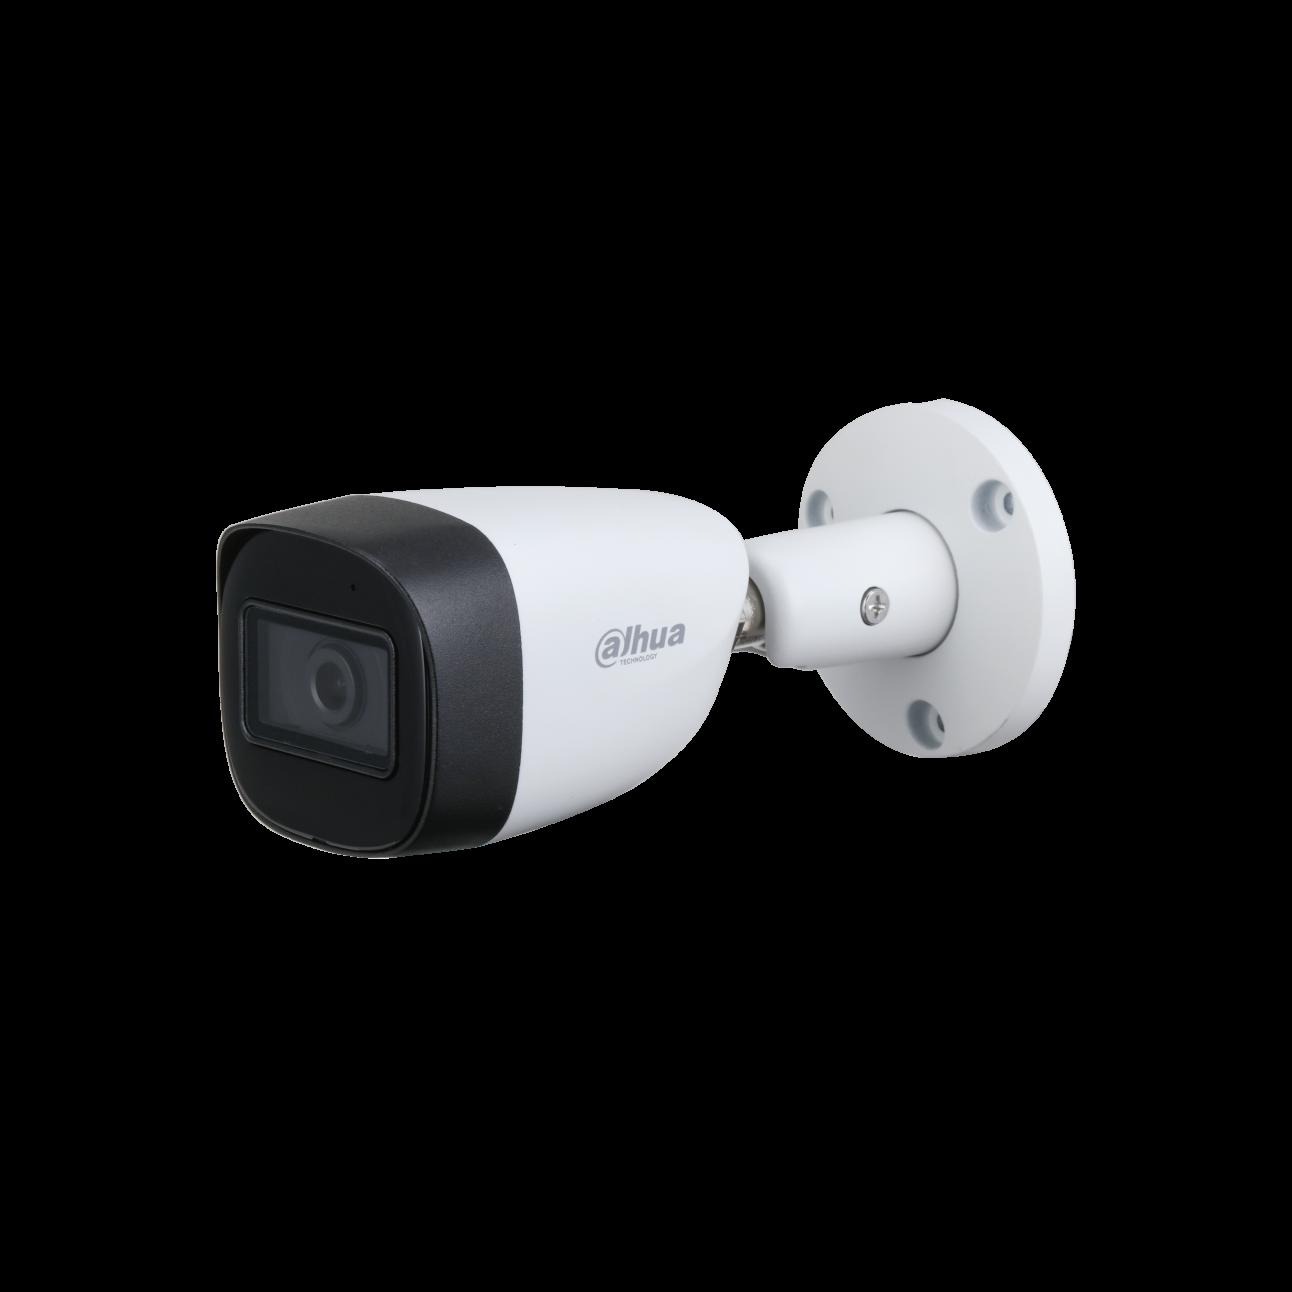 HDCVI камера буллет 5Мп Dahua DH-HAC-HFW1500CMP-A-0360B со встроенным микрофоном